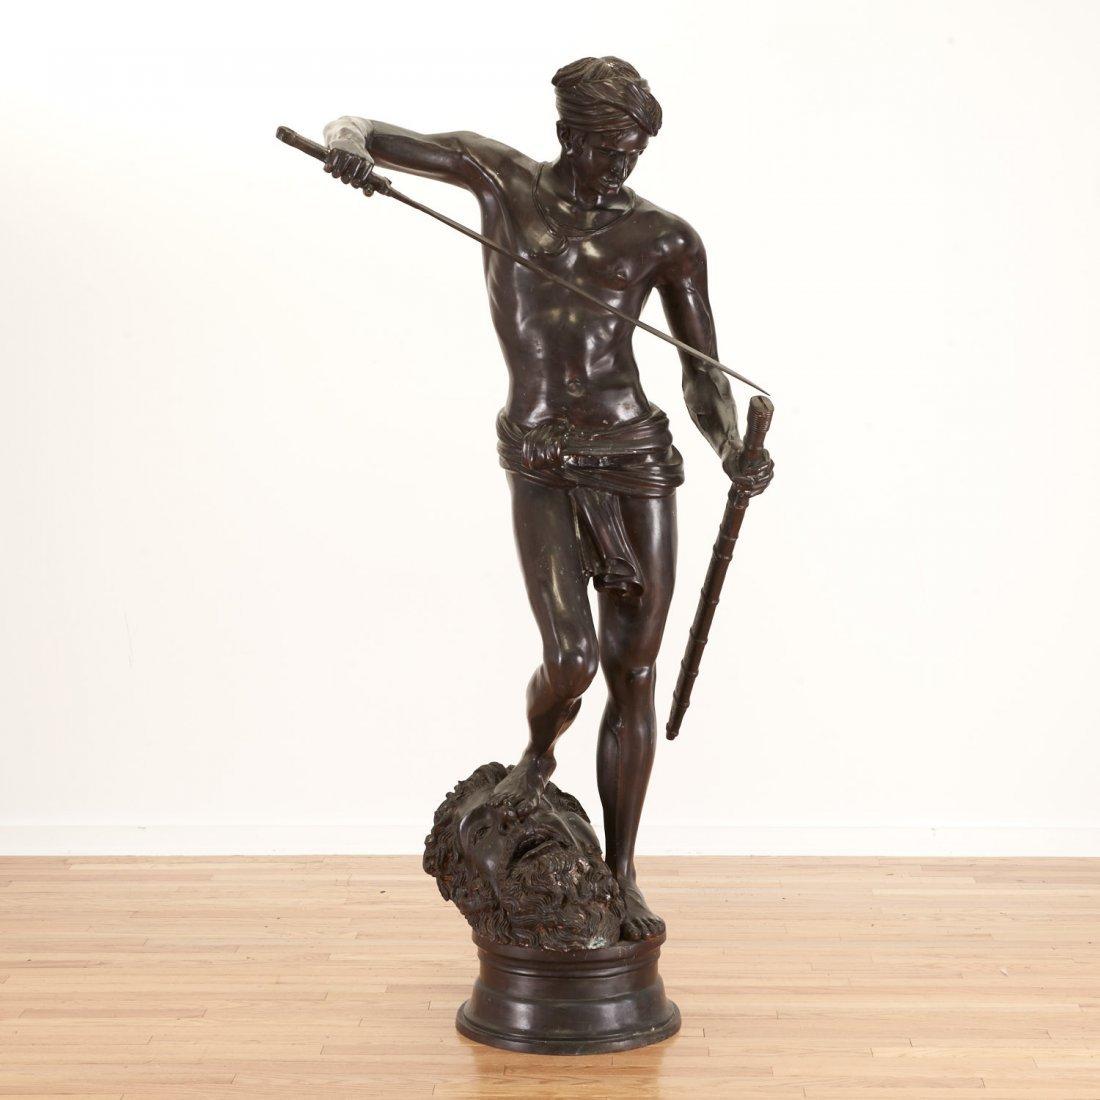 After Antonin Mercie, life-size bronze